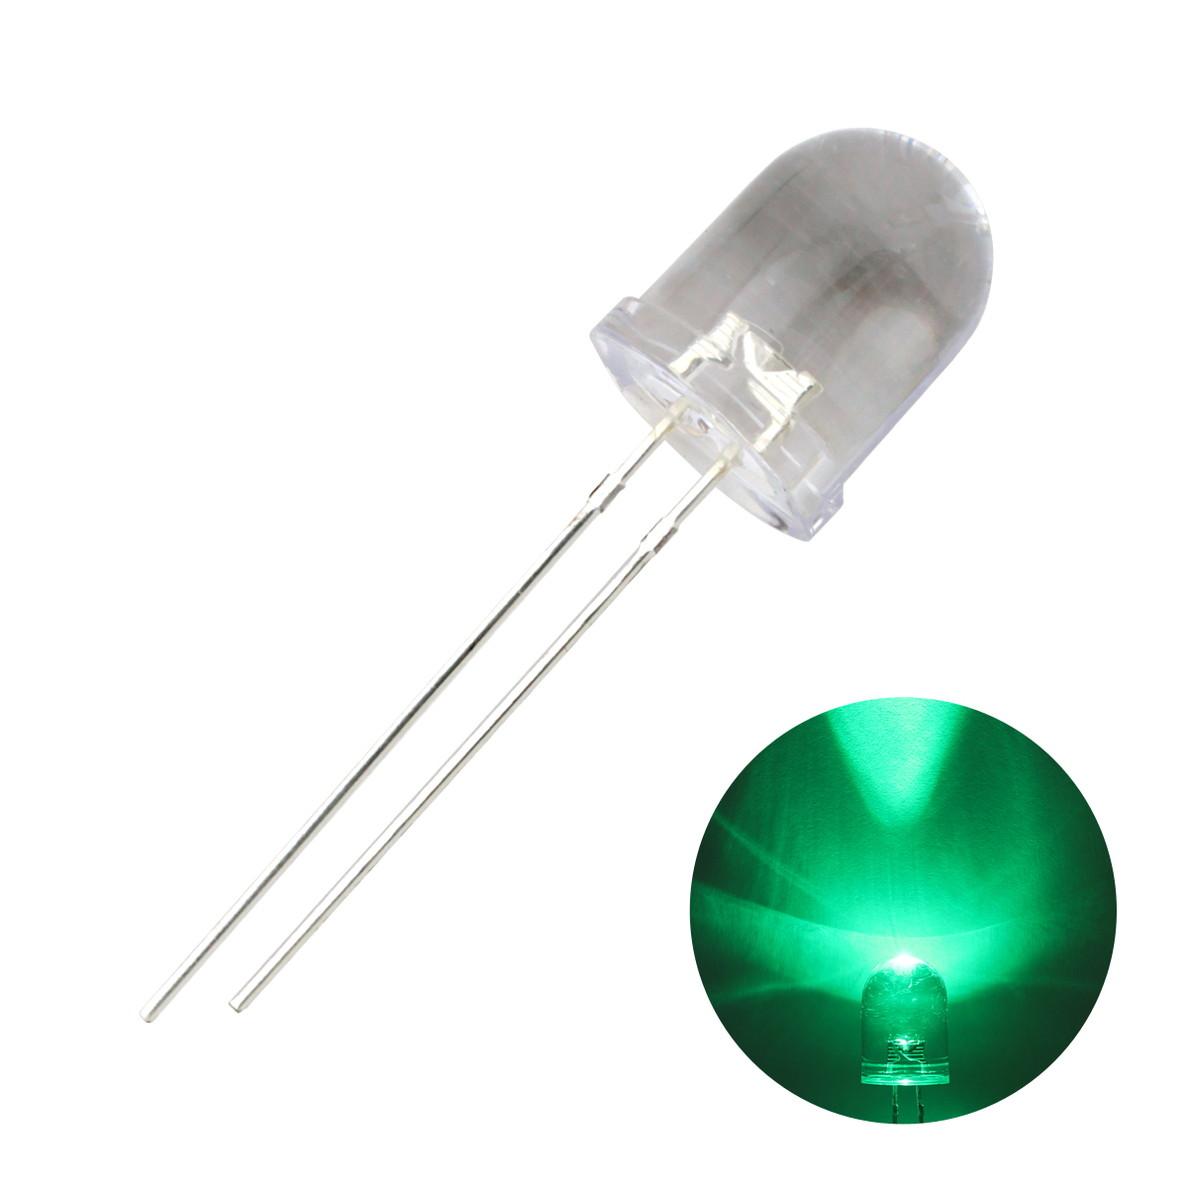 1808(10個) LED 砲弾型 10mm (クリアレンズ) 緑色 25000〜30000mcd 520〜525nm